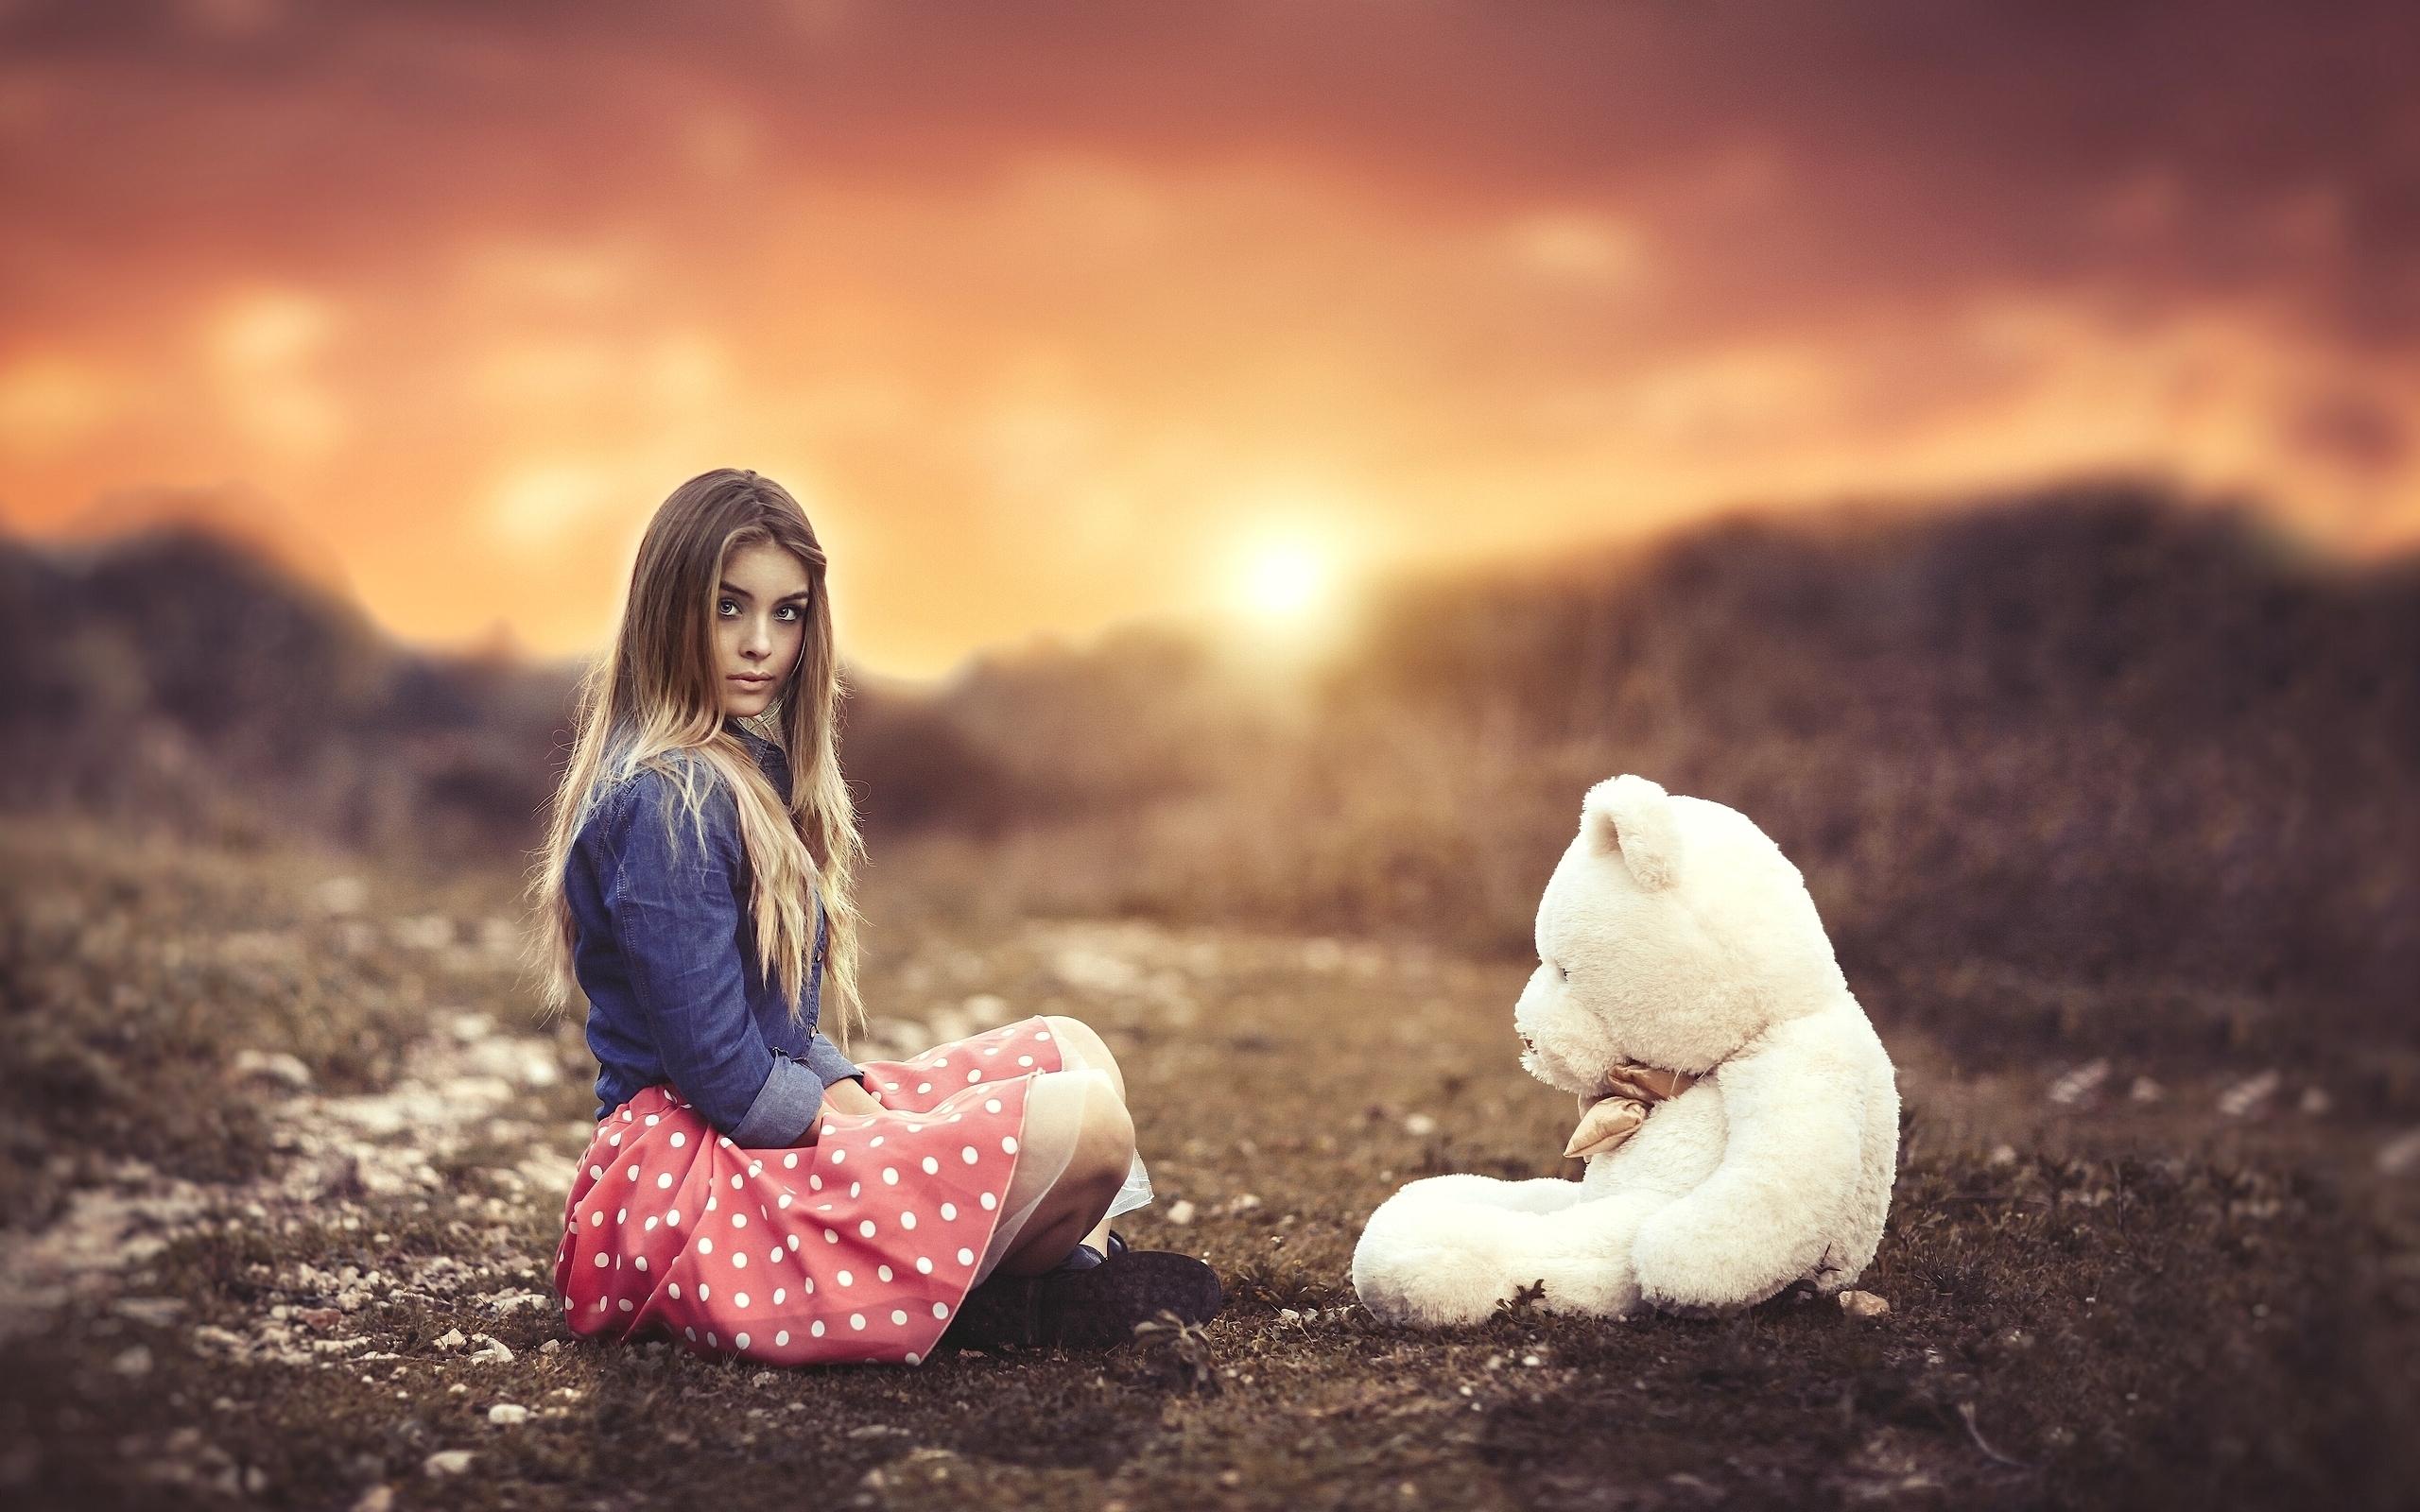 девушка медведь плюшевый  № 351140 загрузить